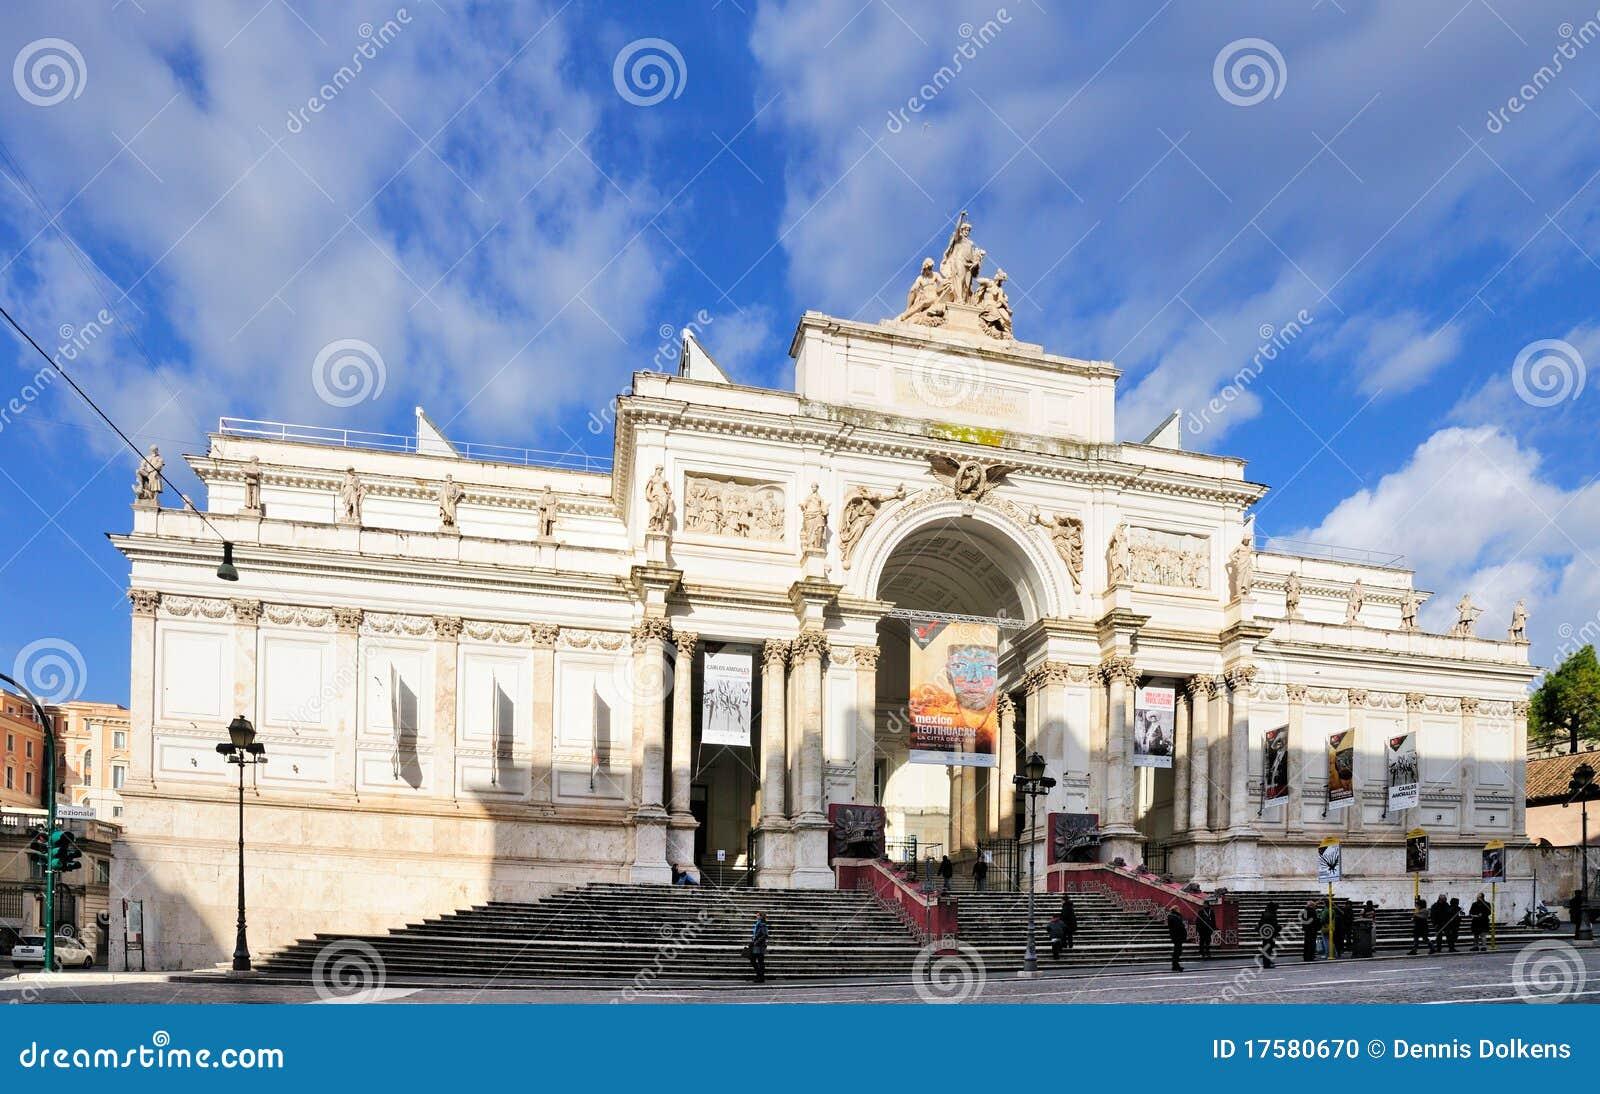 Palazzo delle esposizioni rome editorial image image for Palazzo delle esposizioni rome italy